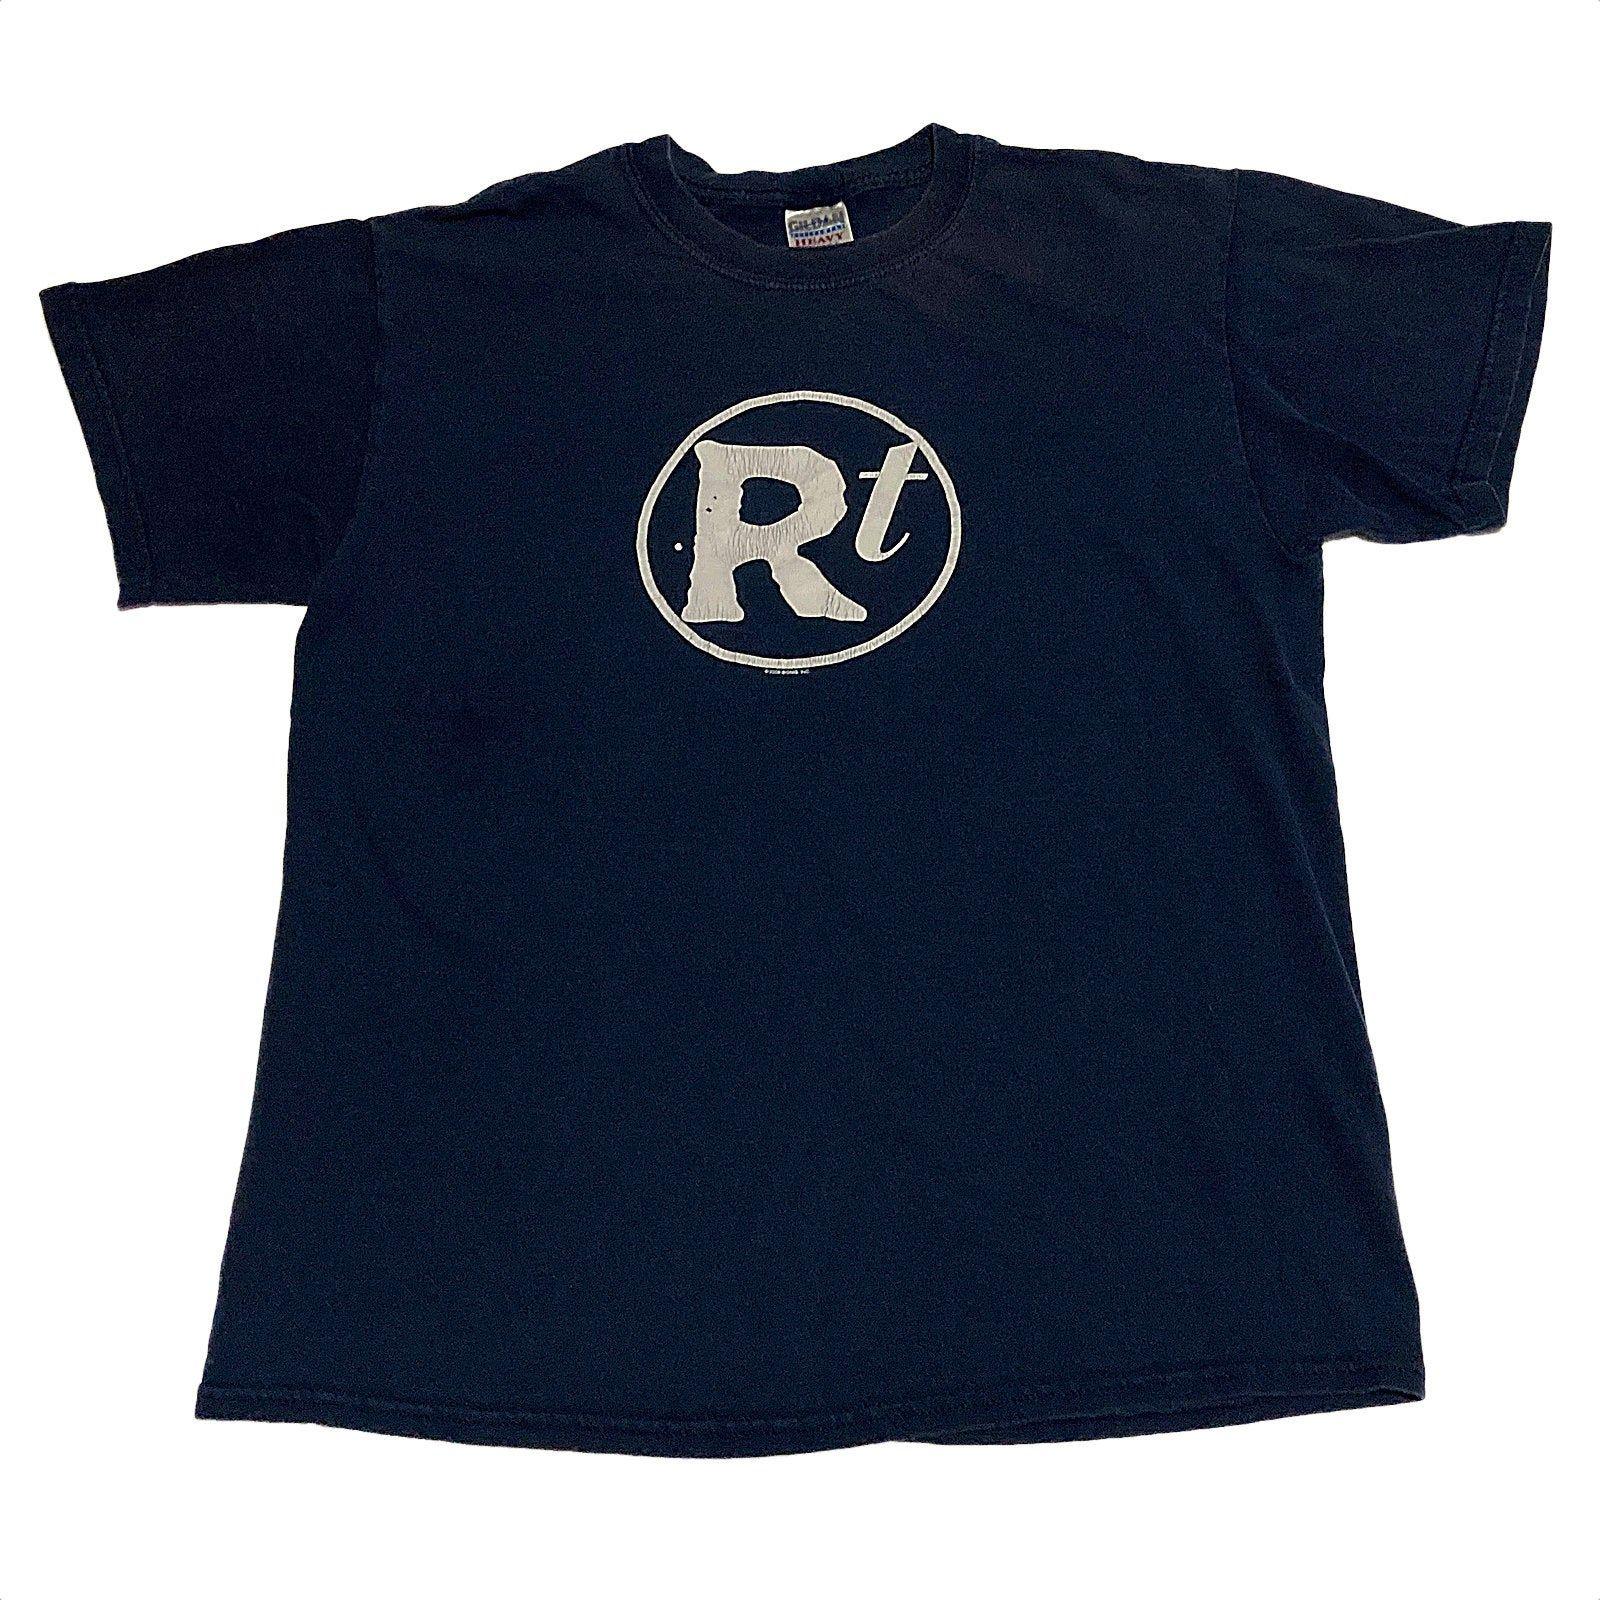 Vintage Rob Thomas T-Shirt